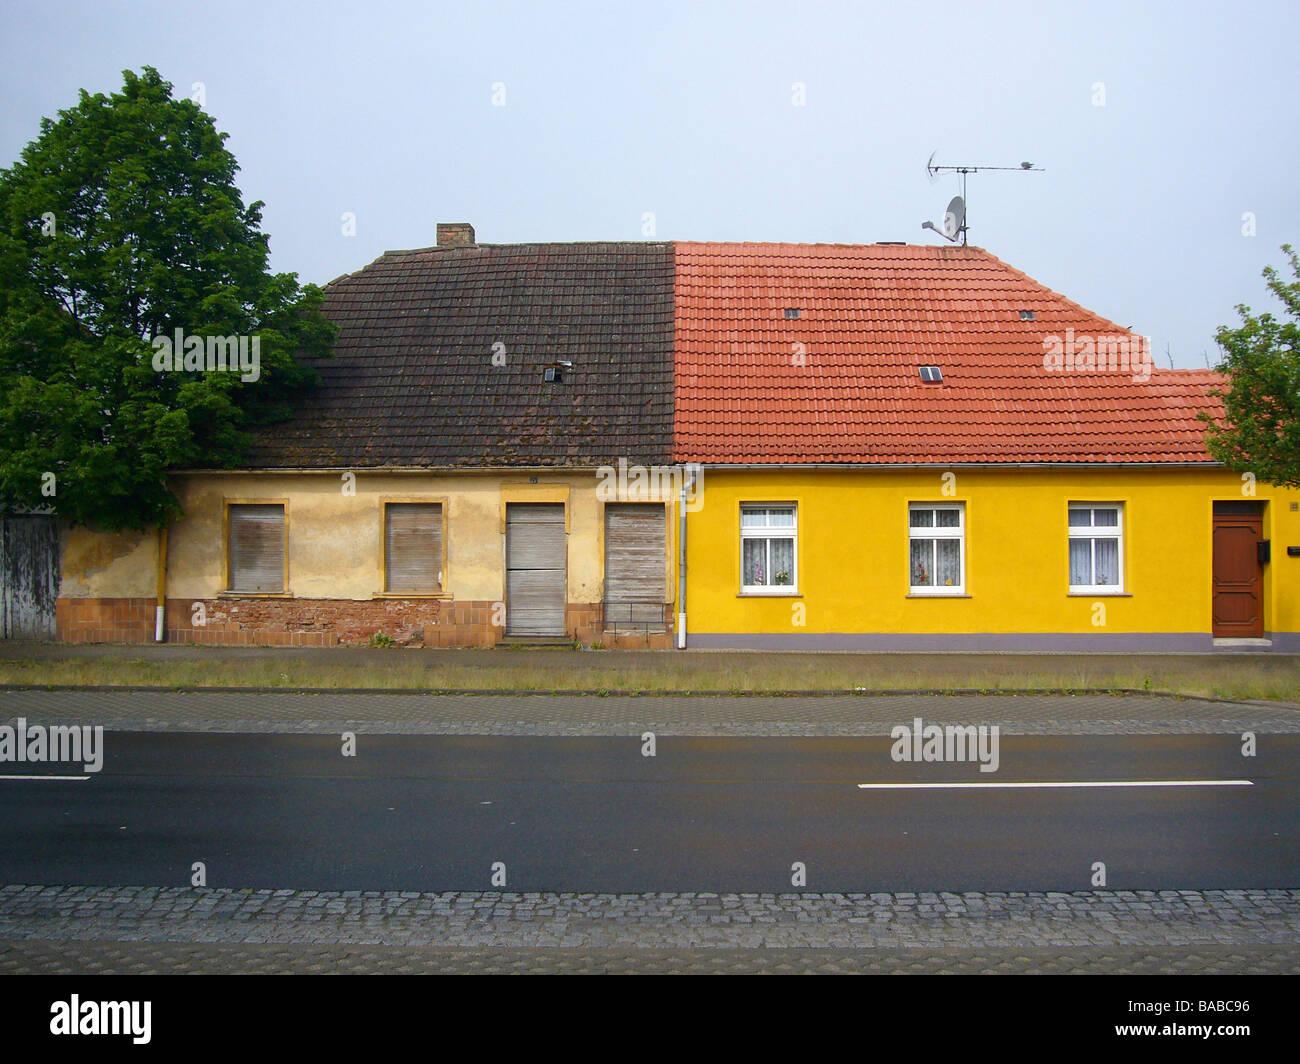 Parzialmente ristrutturato casa nella parte orientale del monastero Zinna, Jueterbog, Germania Immagini Stock